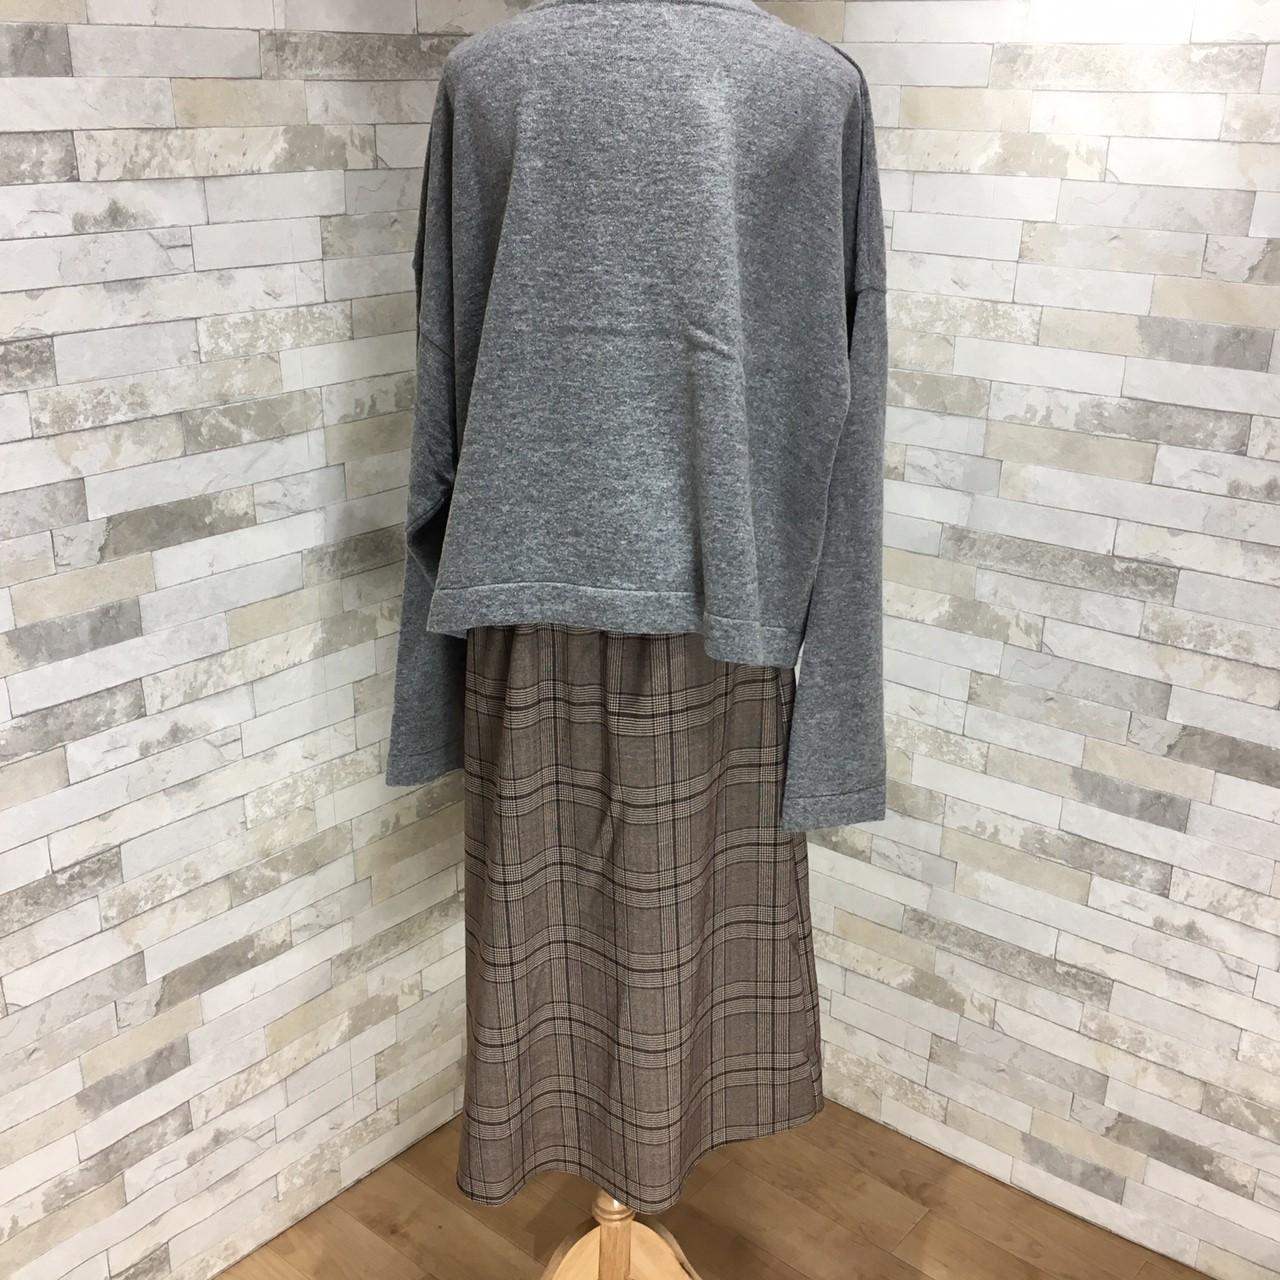 【即納】韓国 ファッション トップス ニット セーター 秋 冬 カジュアル SPTXH221  ビッグシルエット リブ ベーシック 着回し オルチャン シンプル 定番 セレカジの写真19枚目